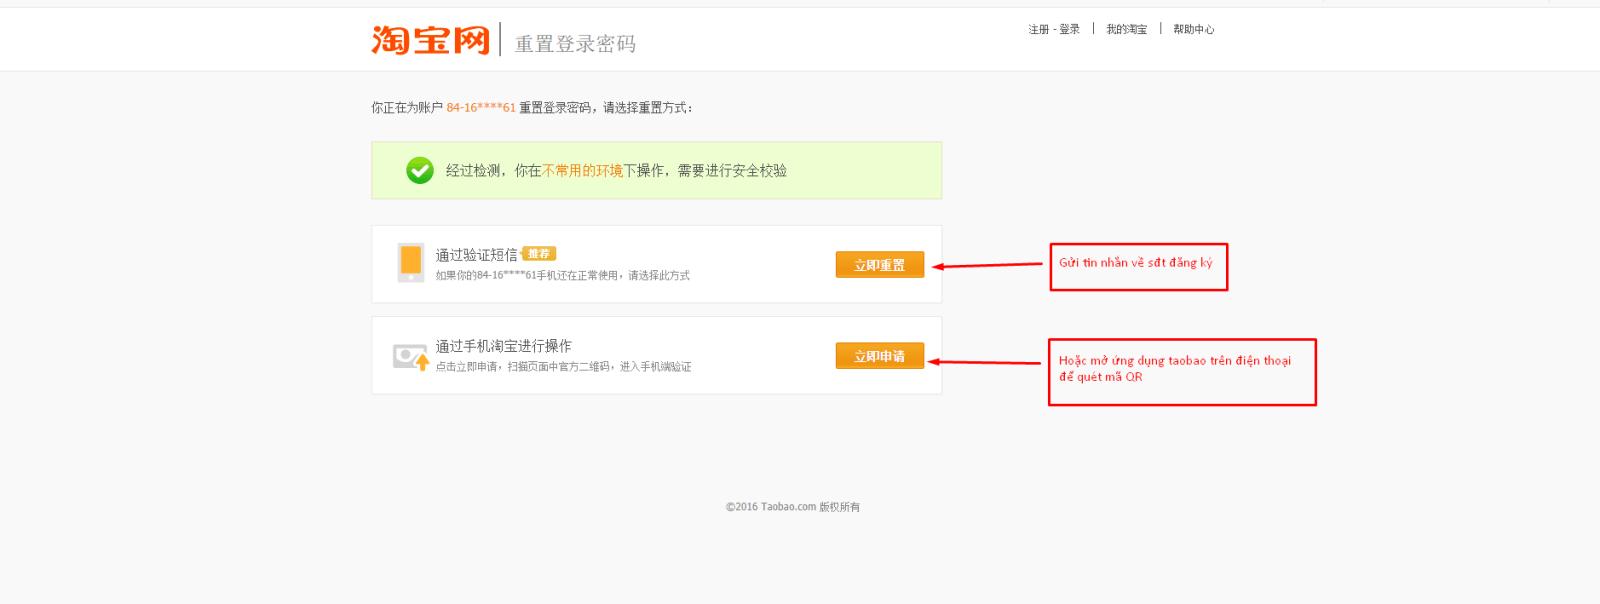 Cách lấy lại tài khoản Taobao